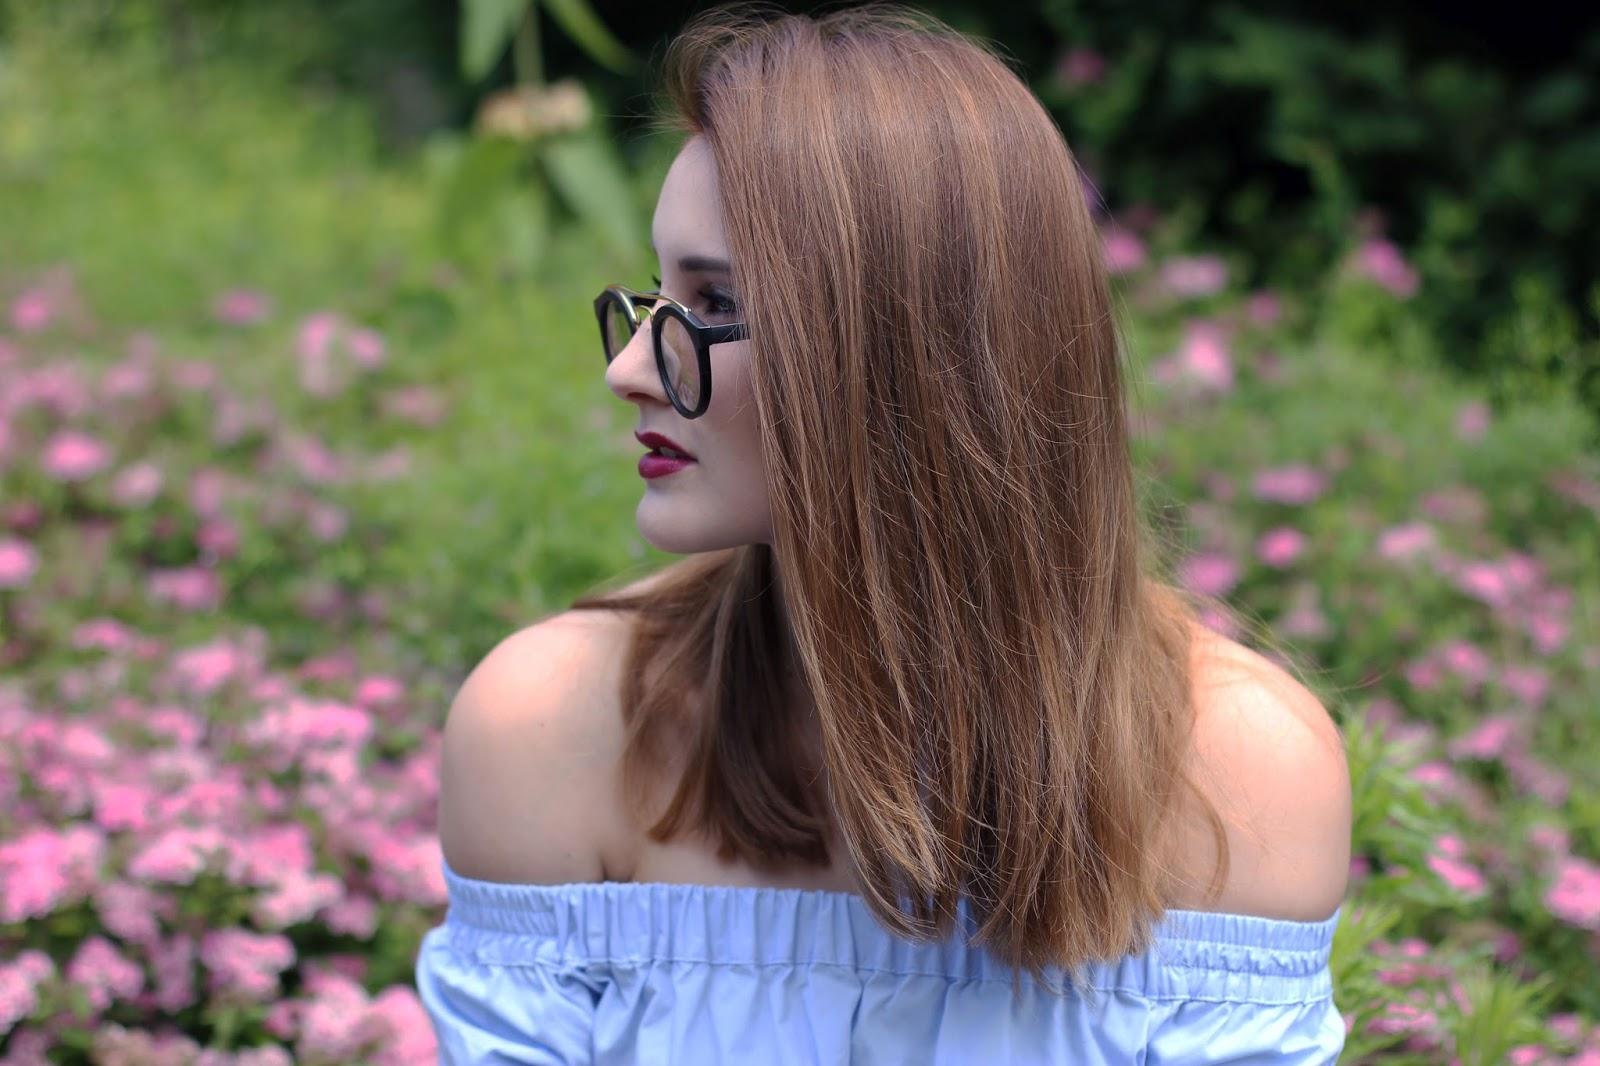 Outfit: Blaues Off-Shoulder Top und weiße Shorts